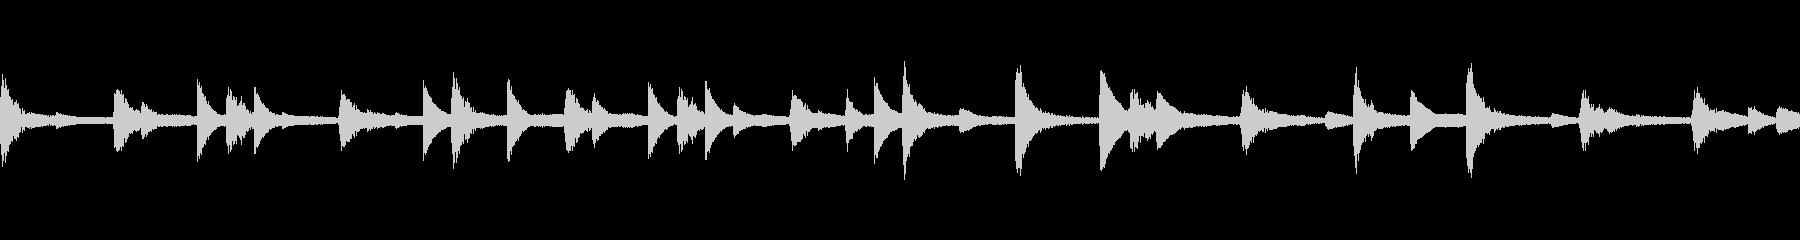 ほのぼのしたCM等に ピアノ調ループ可能の未再生の波形